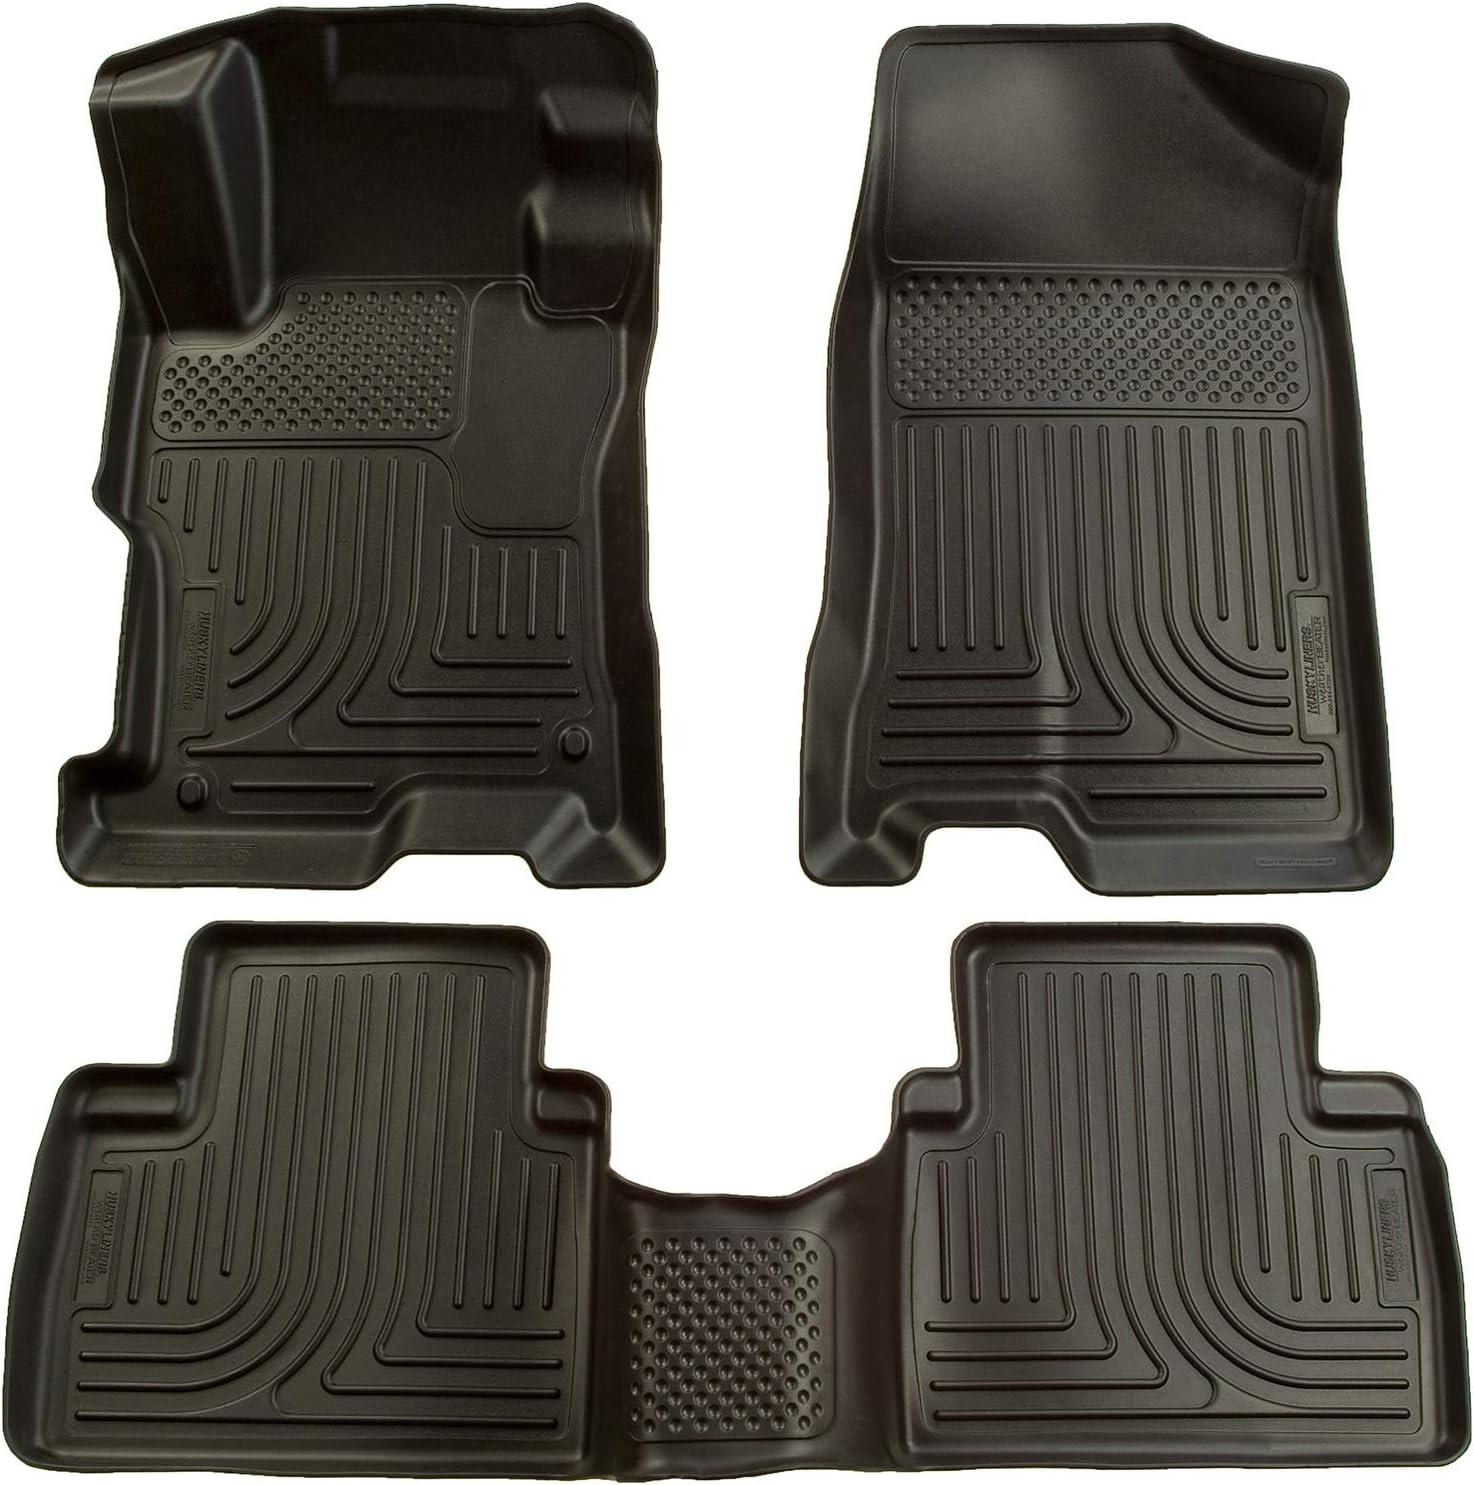 Husky Liners Fits 2006-11 Honda Civic 4 Door Weatherbeater Front & 2nd Seat Floor Mats,Black,98411